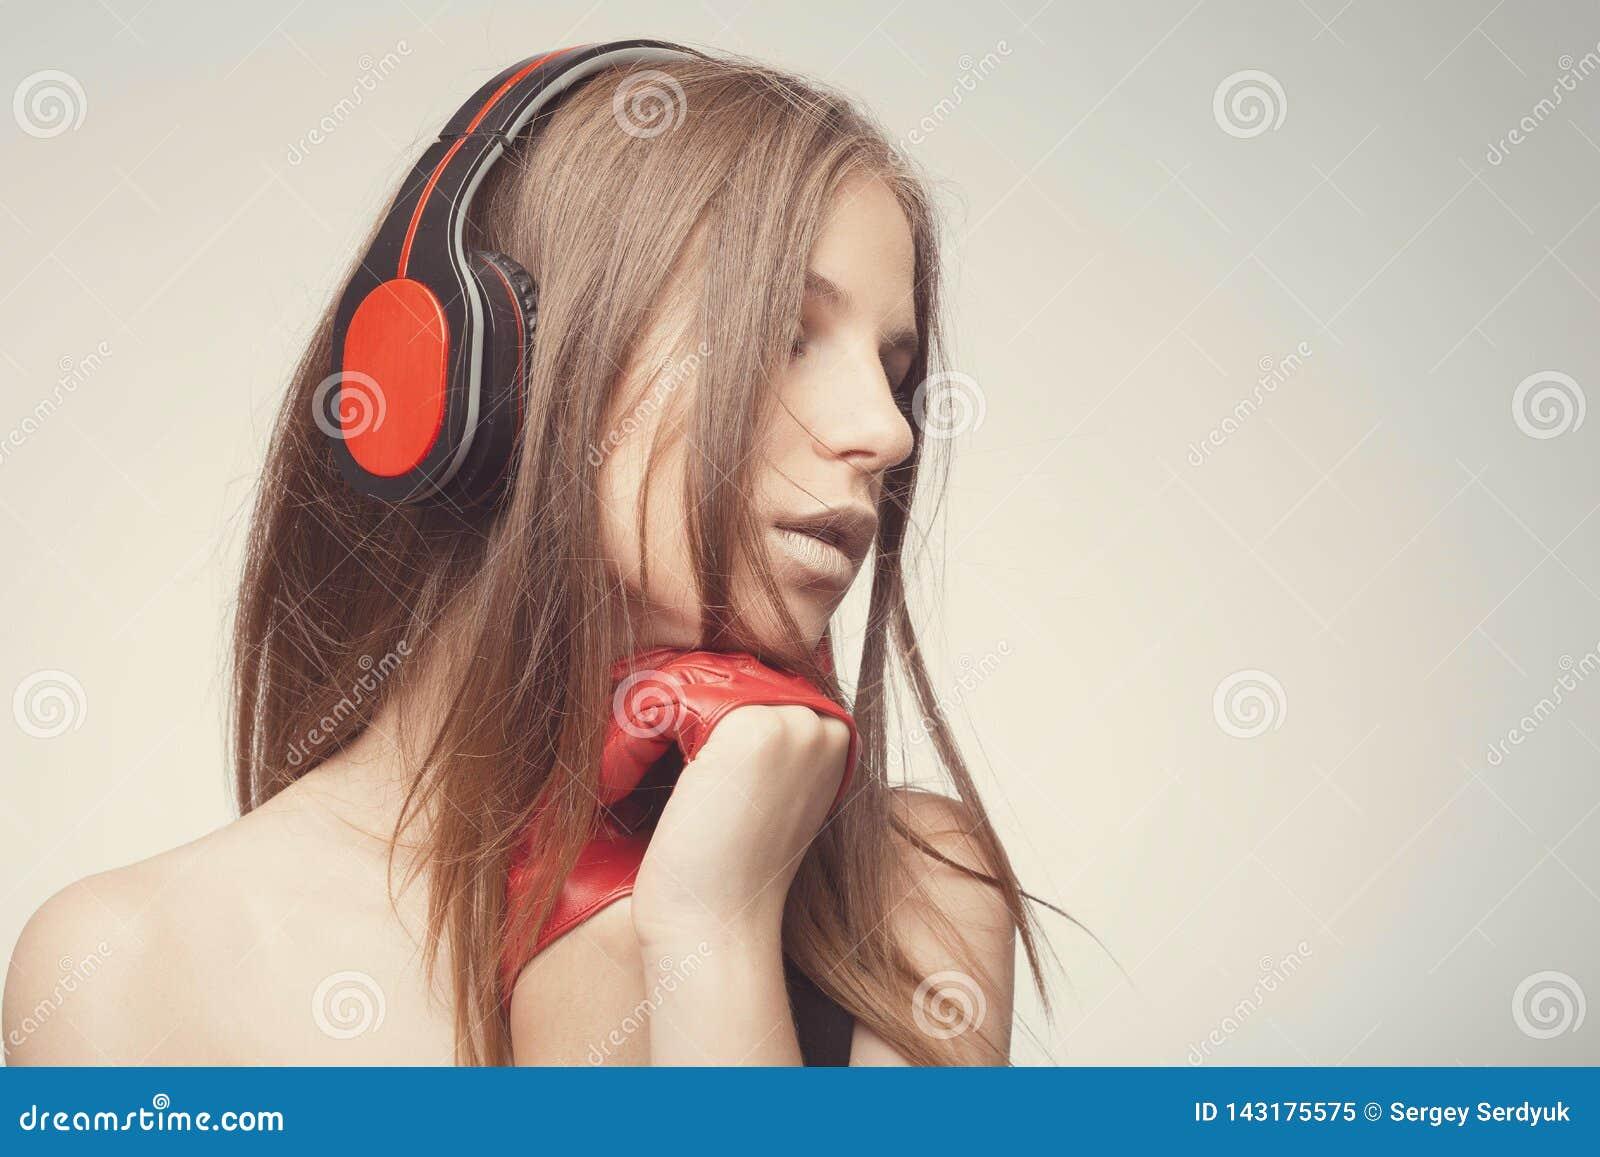 Η όμορφη μουσική ακούσματος κοριτσιών μόδας με τα ακουστικά, που φορούν τα κόκκινα γάντια, παίρνει την ευχαρίστηση με το τραγούδι